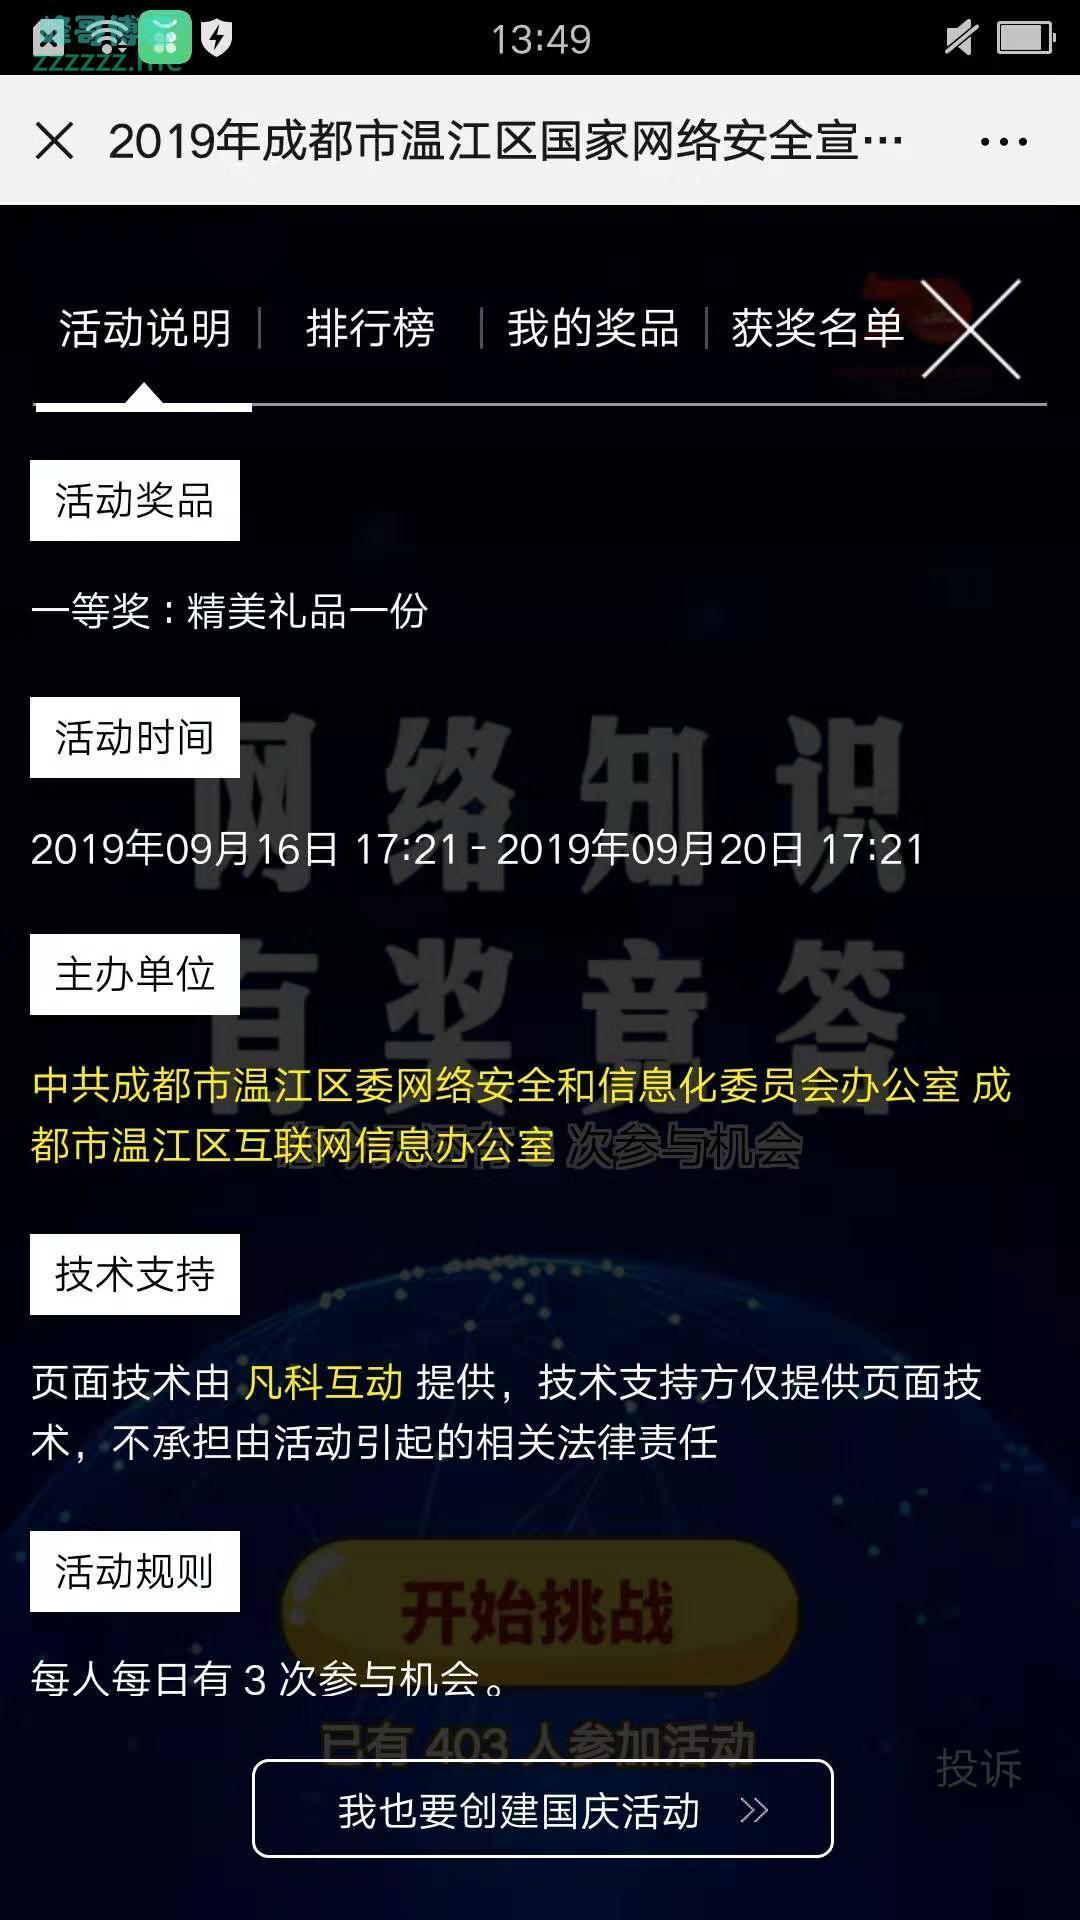 金温江2019年温江区国家网络安全宣传周(截止9月22日)